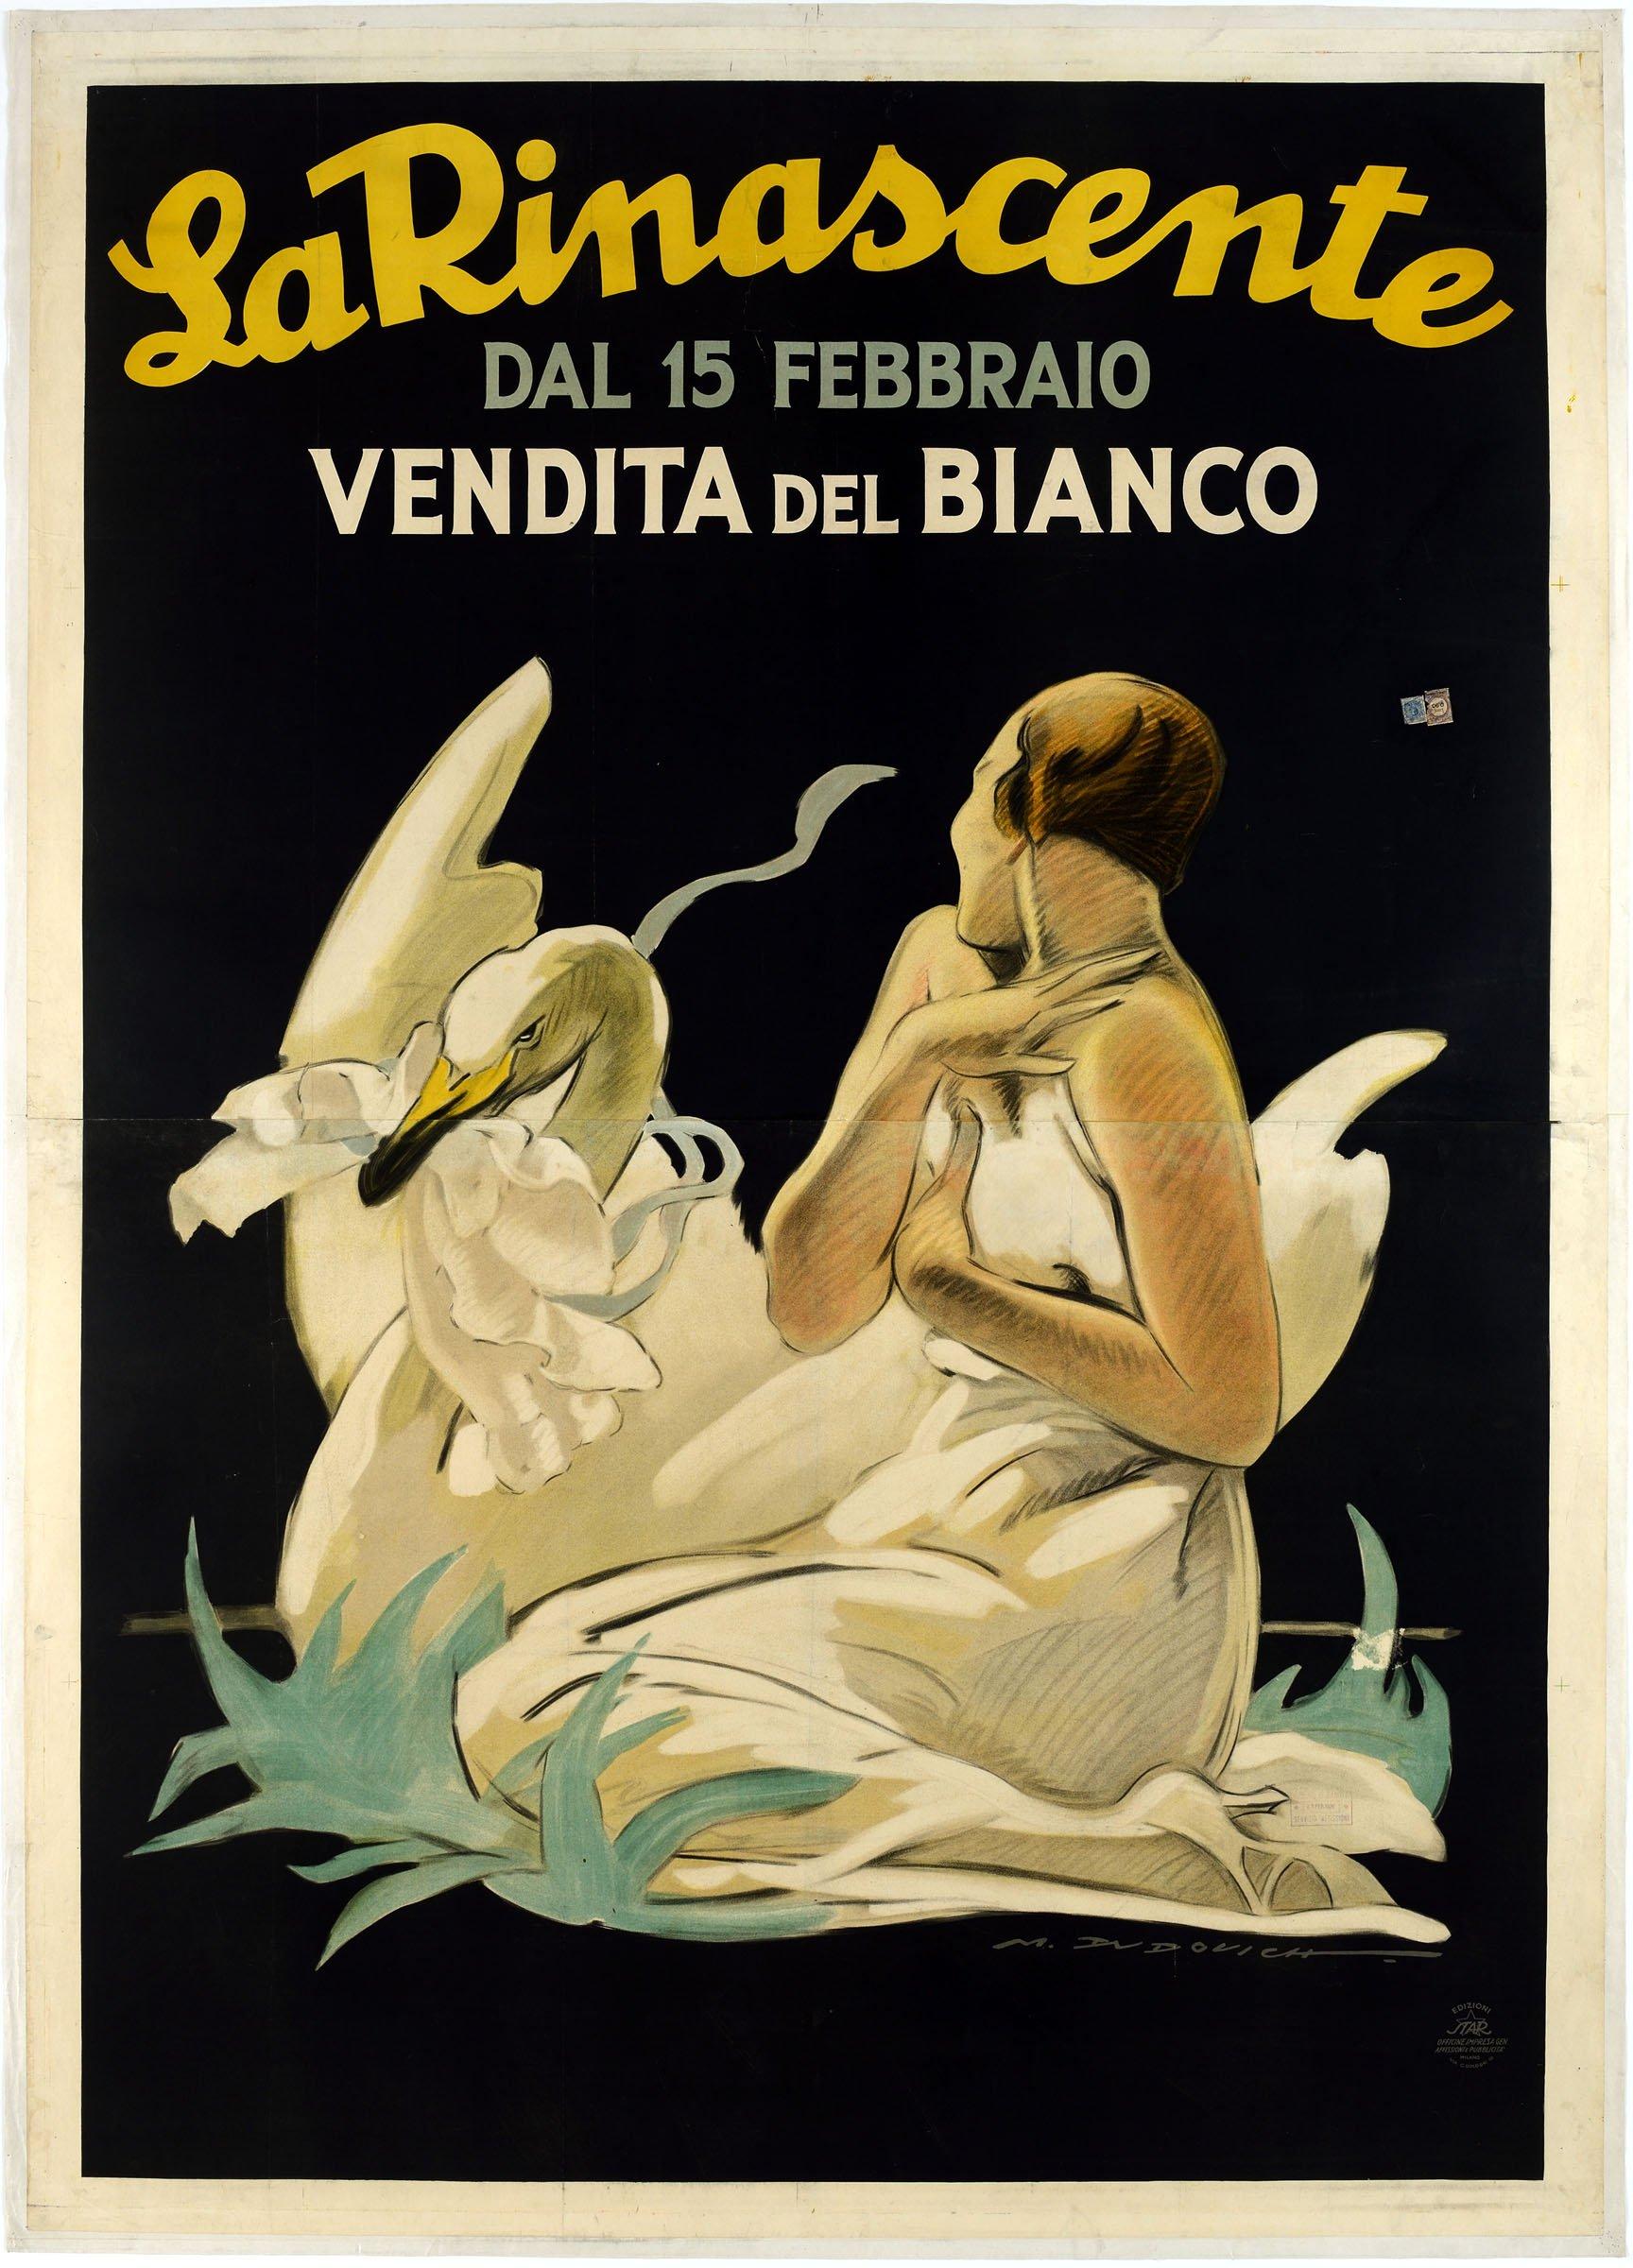 Marcello Dudovich, La Rinascente. Dal 15 Febbraio Vendita del Bianco, 1922 26 ca. Edizioni Star, Milano. Museo Nazionale Collezione Salce, Treviso